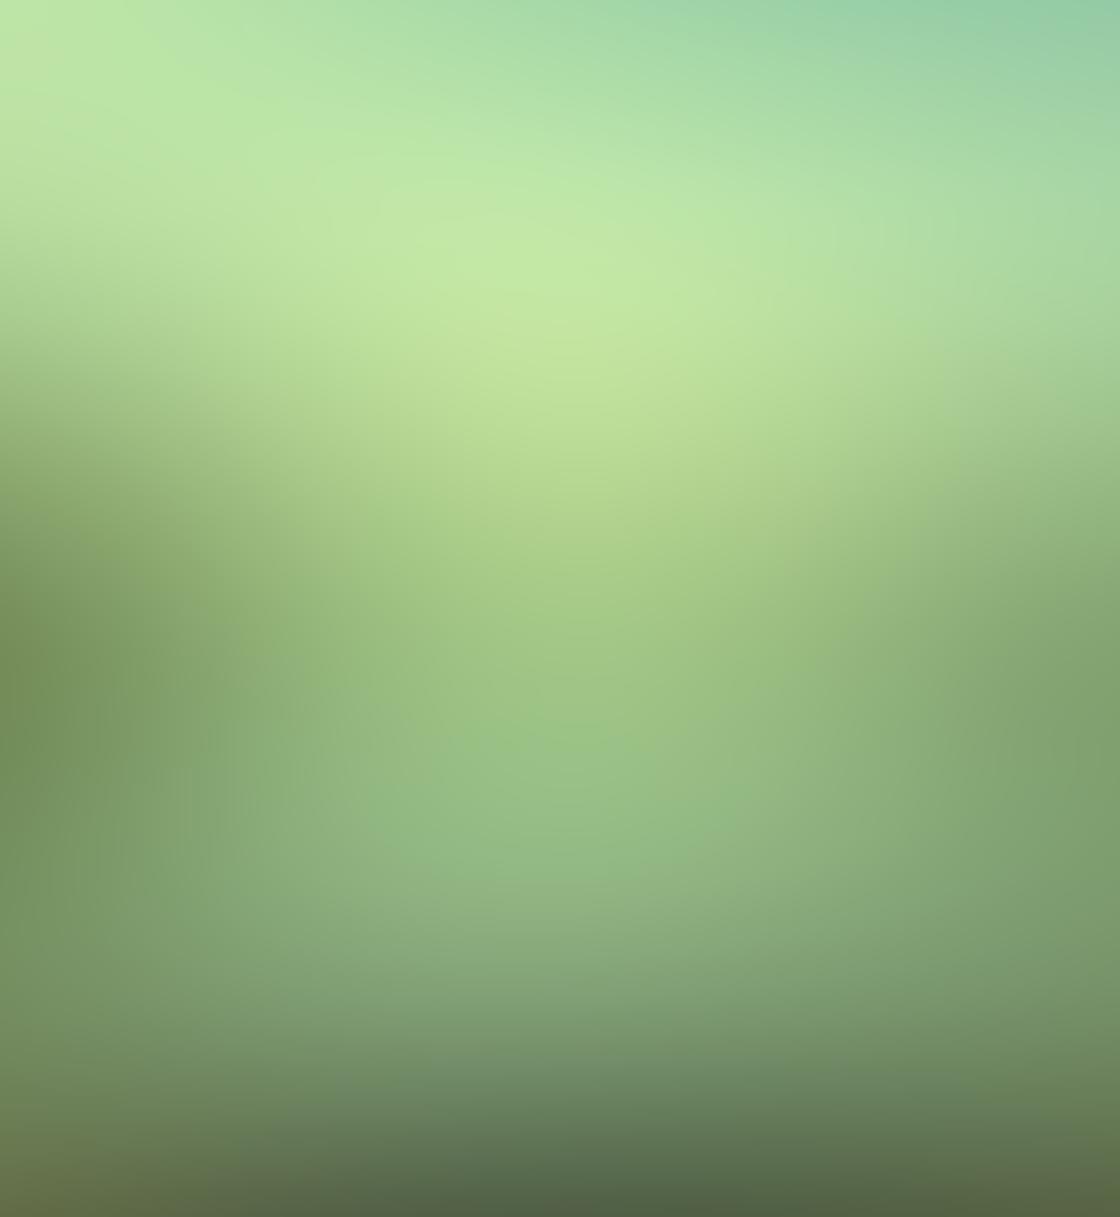 iPhone Empty Space Photo 19